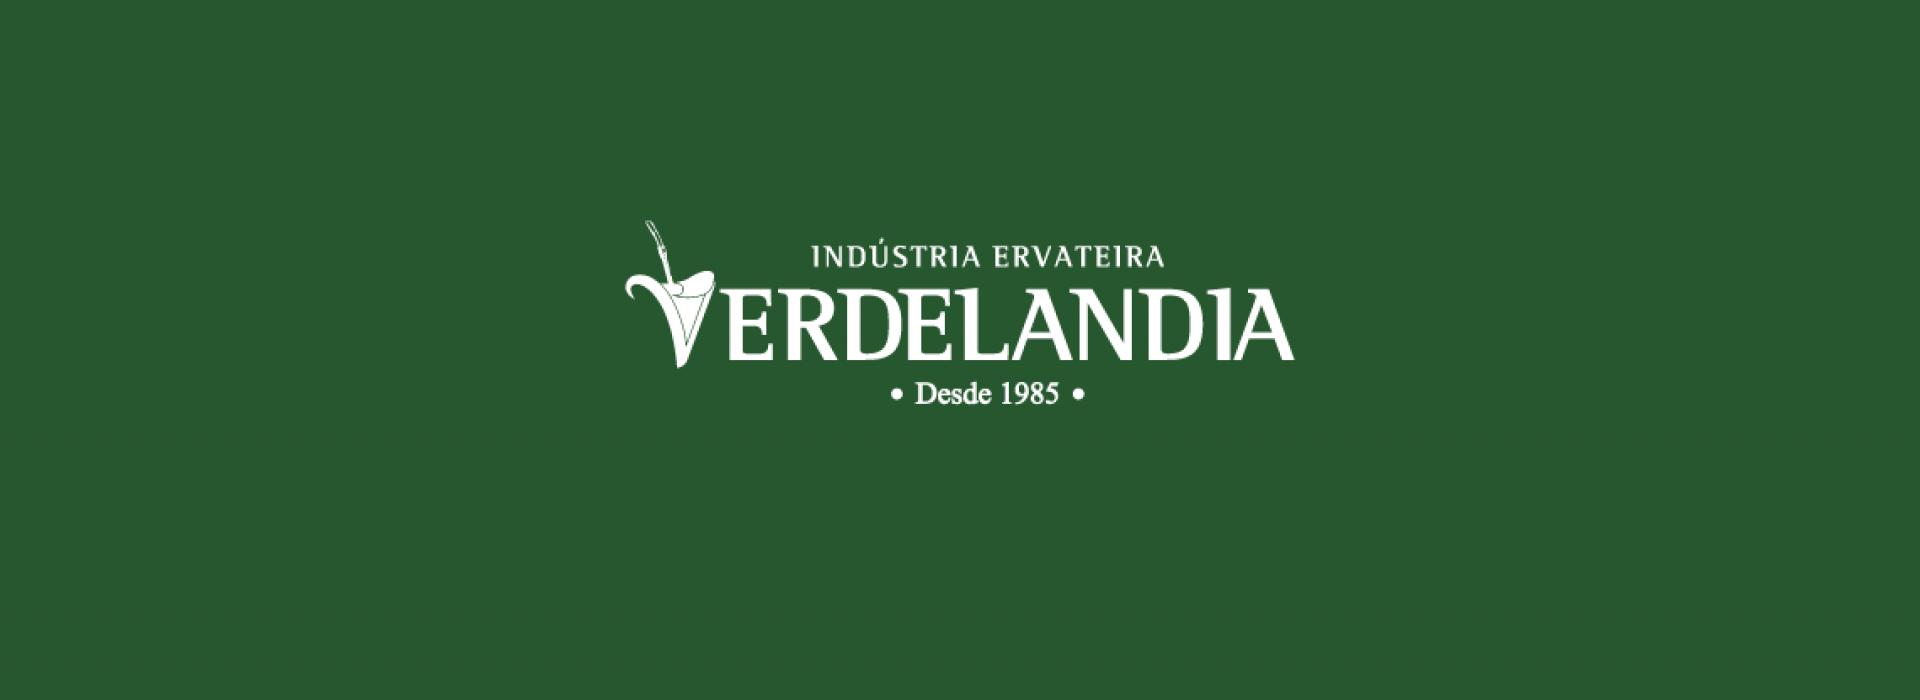 Ervateira Verdelandia passa a usar BI da System